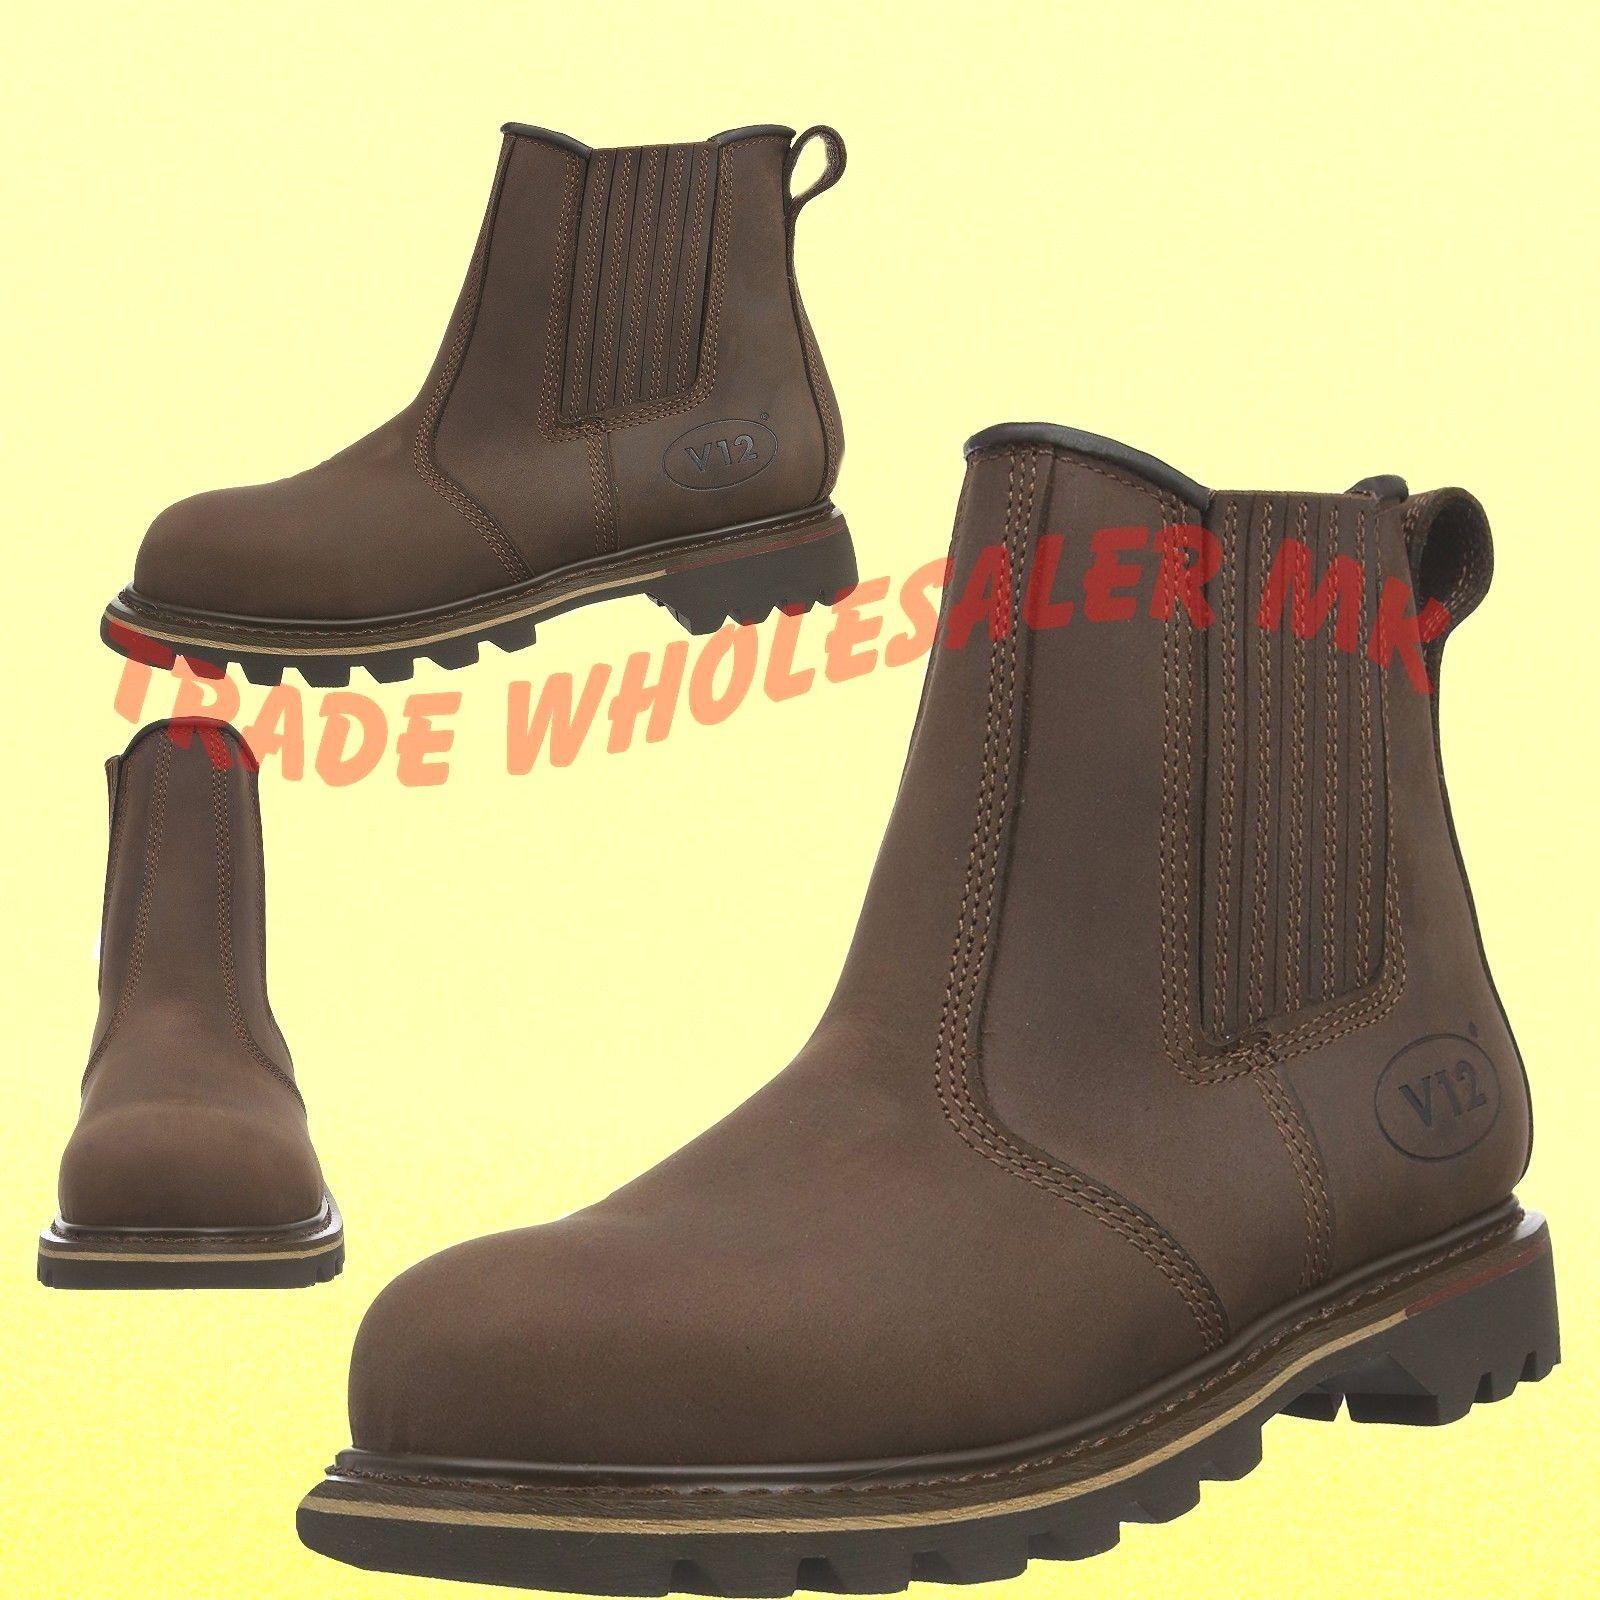 wholesale outlet official hot sale V12 RAWHIDE DEALER CHELSEA STEEL TOE CAP SAFETY WORK BOOTS Brown V1231